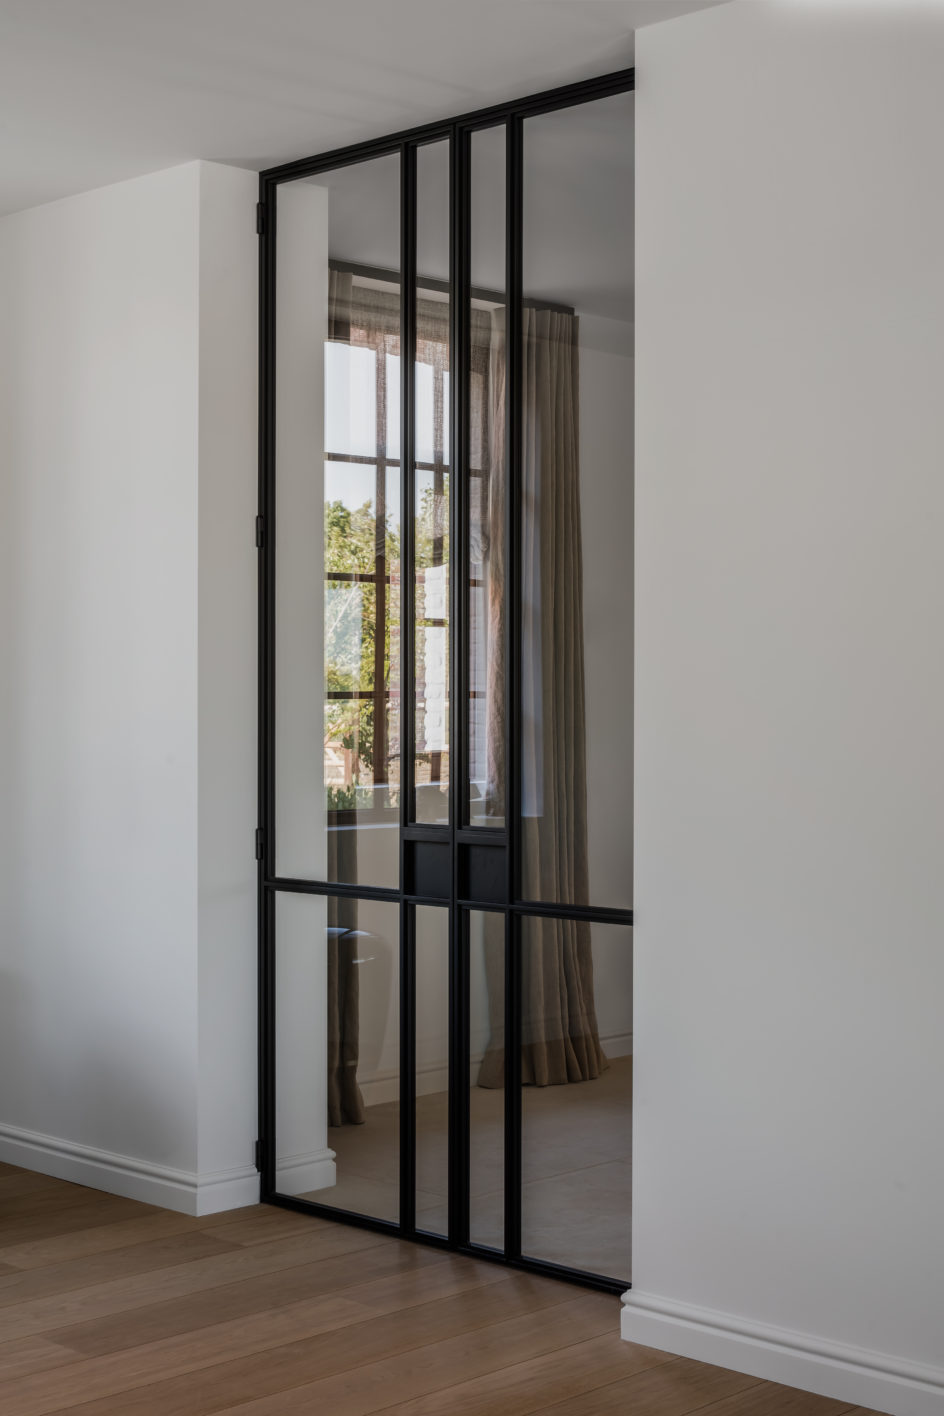 dubbel opendraaiende stalen deur, ontwerp Marie Lecluyse